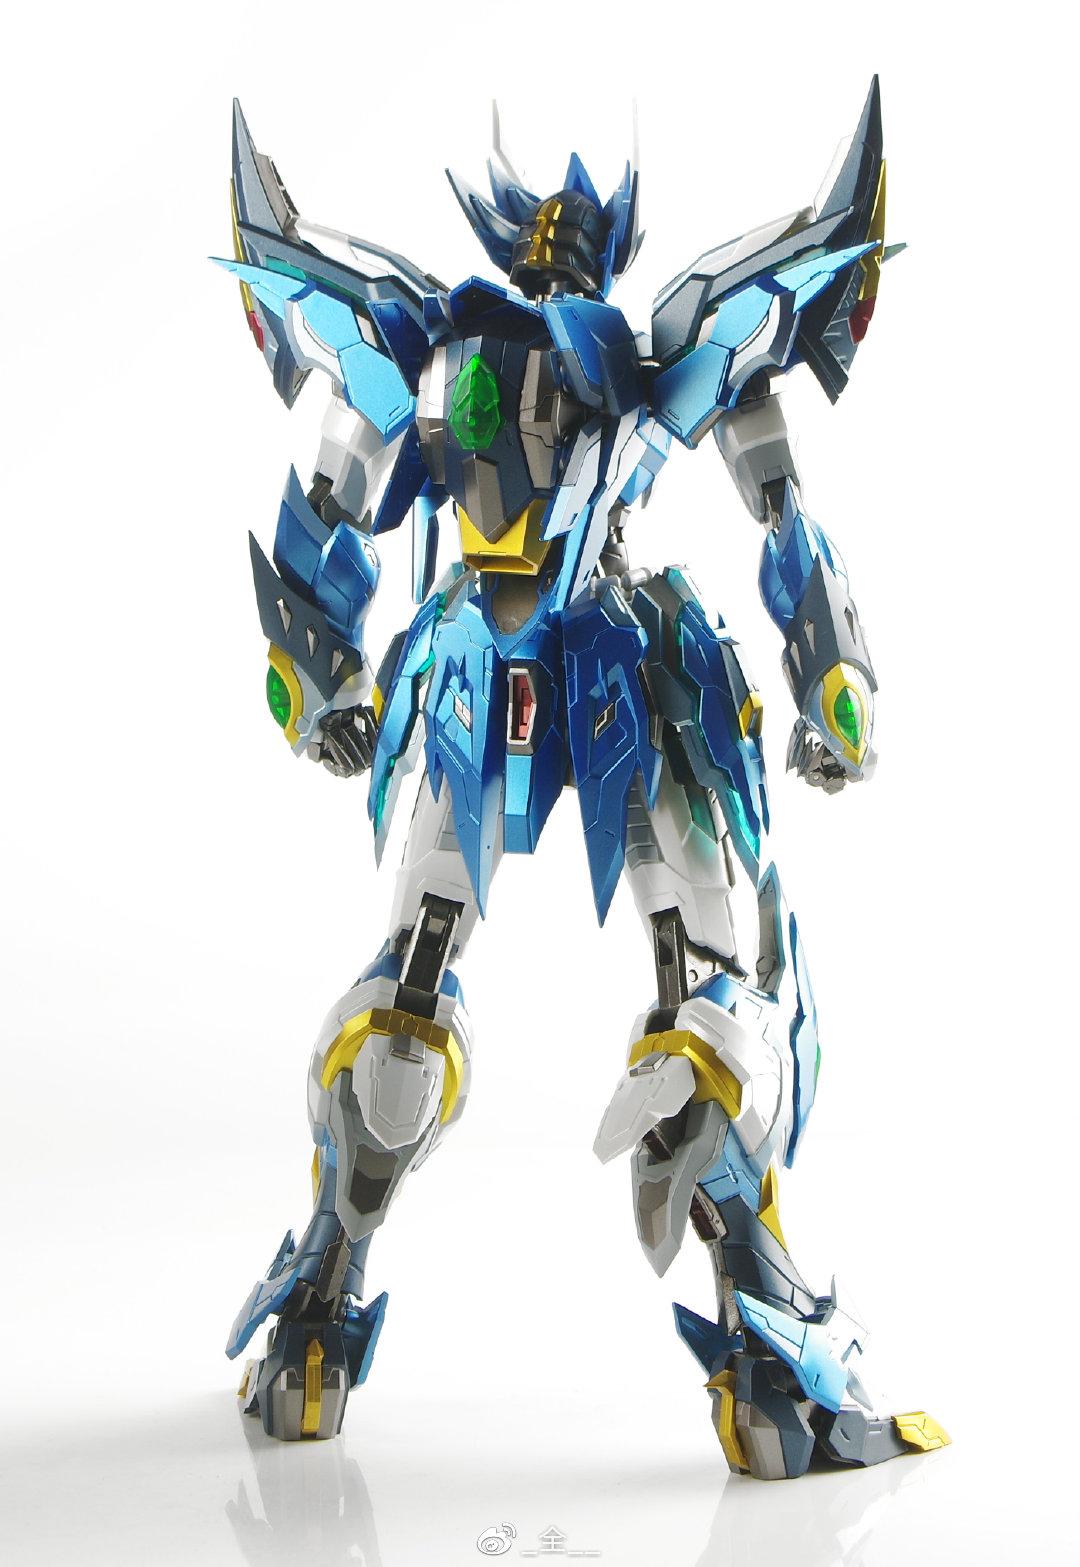 S470_MOTOR_NUCLEAR_MN_Q03_blue_gragon_ao_bing_di_hui_xing_han_long_zi_018.jpg